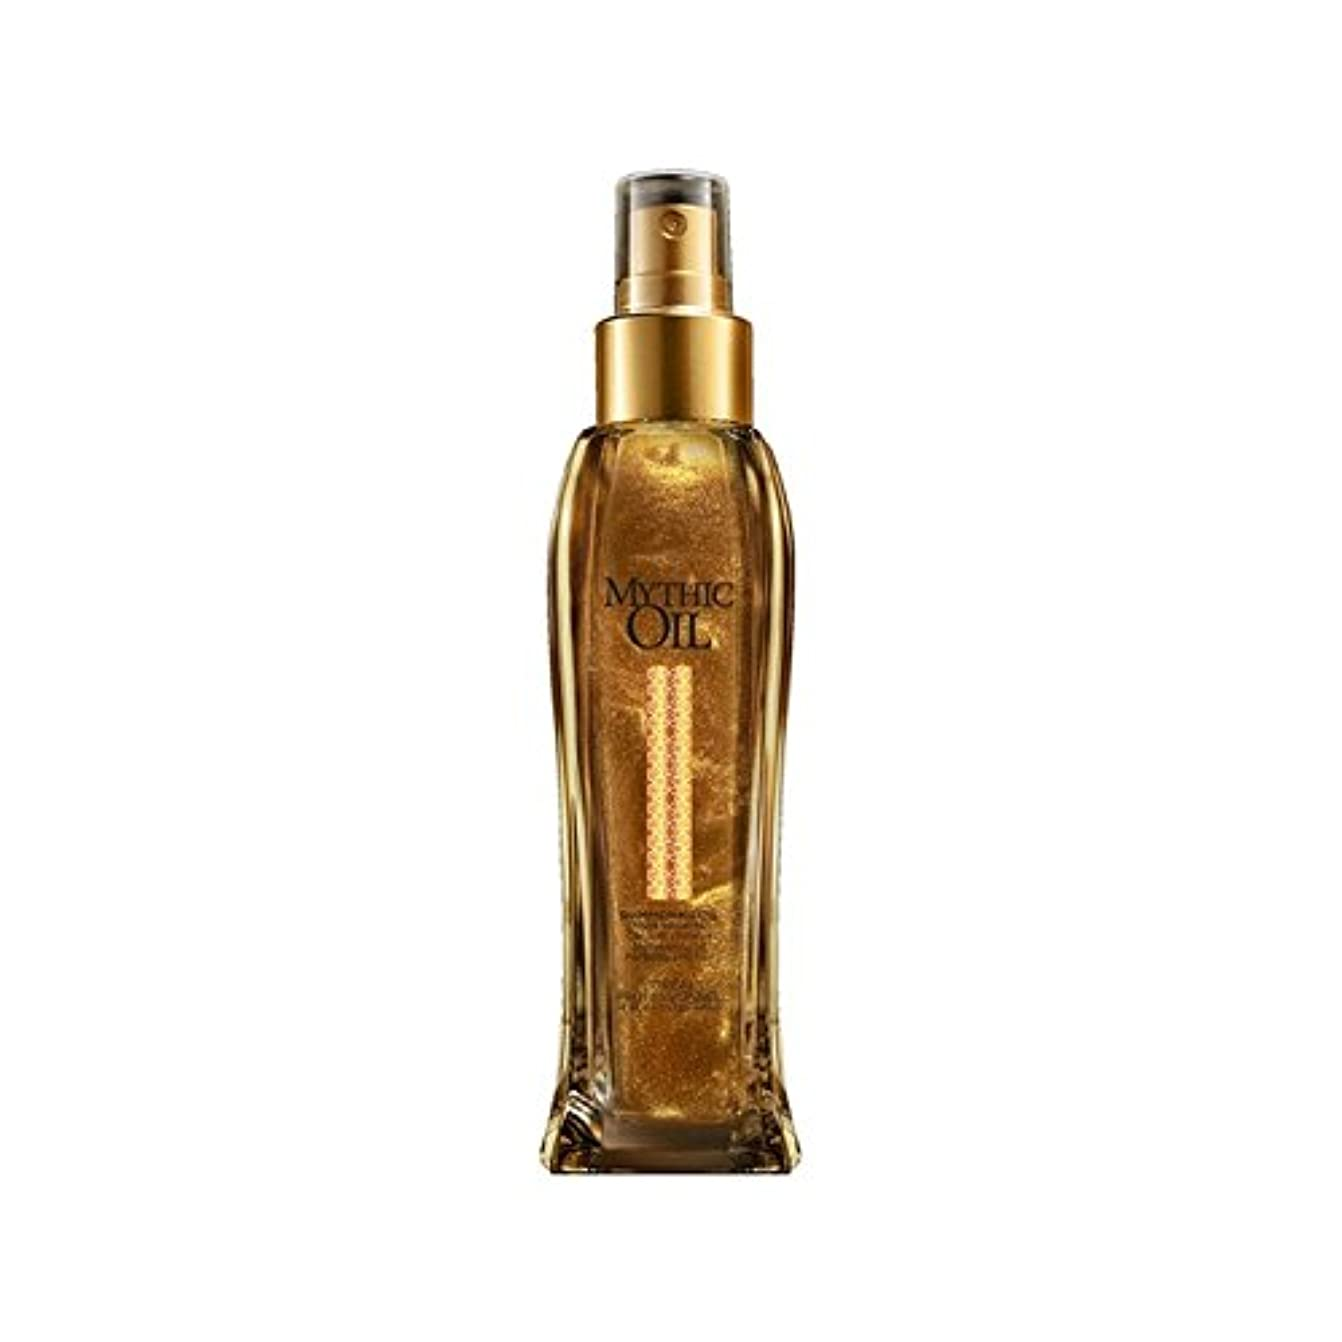 補助信仰ガウンL'Oreal Professionnel Mythic Oil Shimmering Oil (100ml) - ロレアルプロフェッショナルの神話油きらめくオイル(100ミリリットル) [並行輸入品]